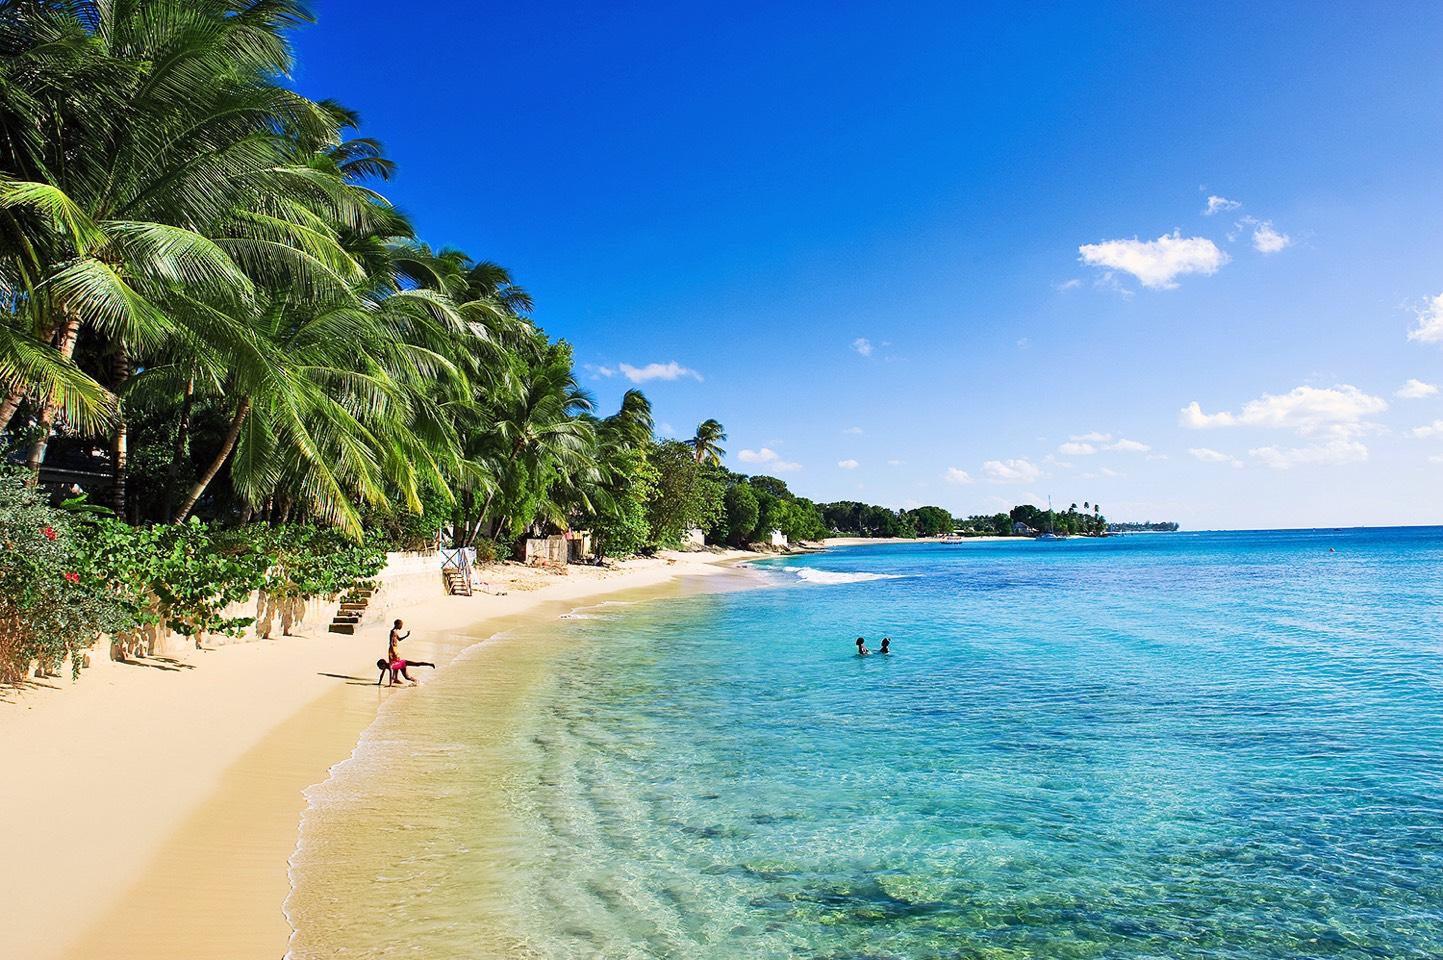 Barbados 🇧🇧